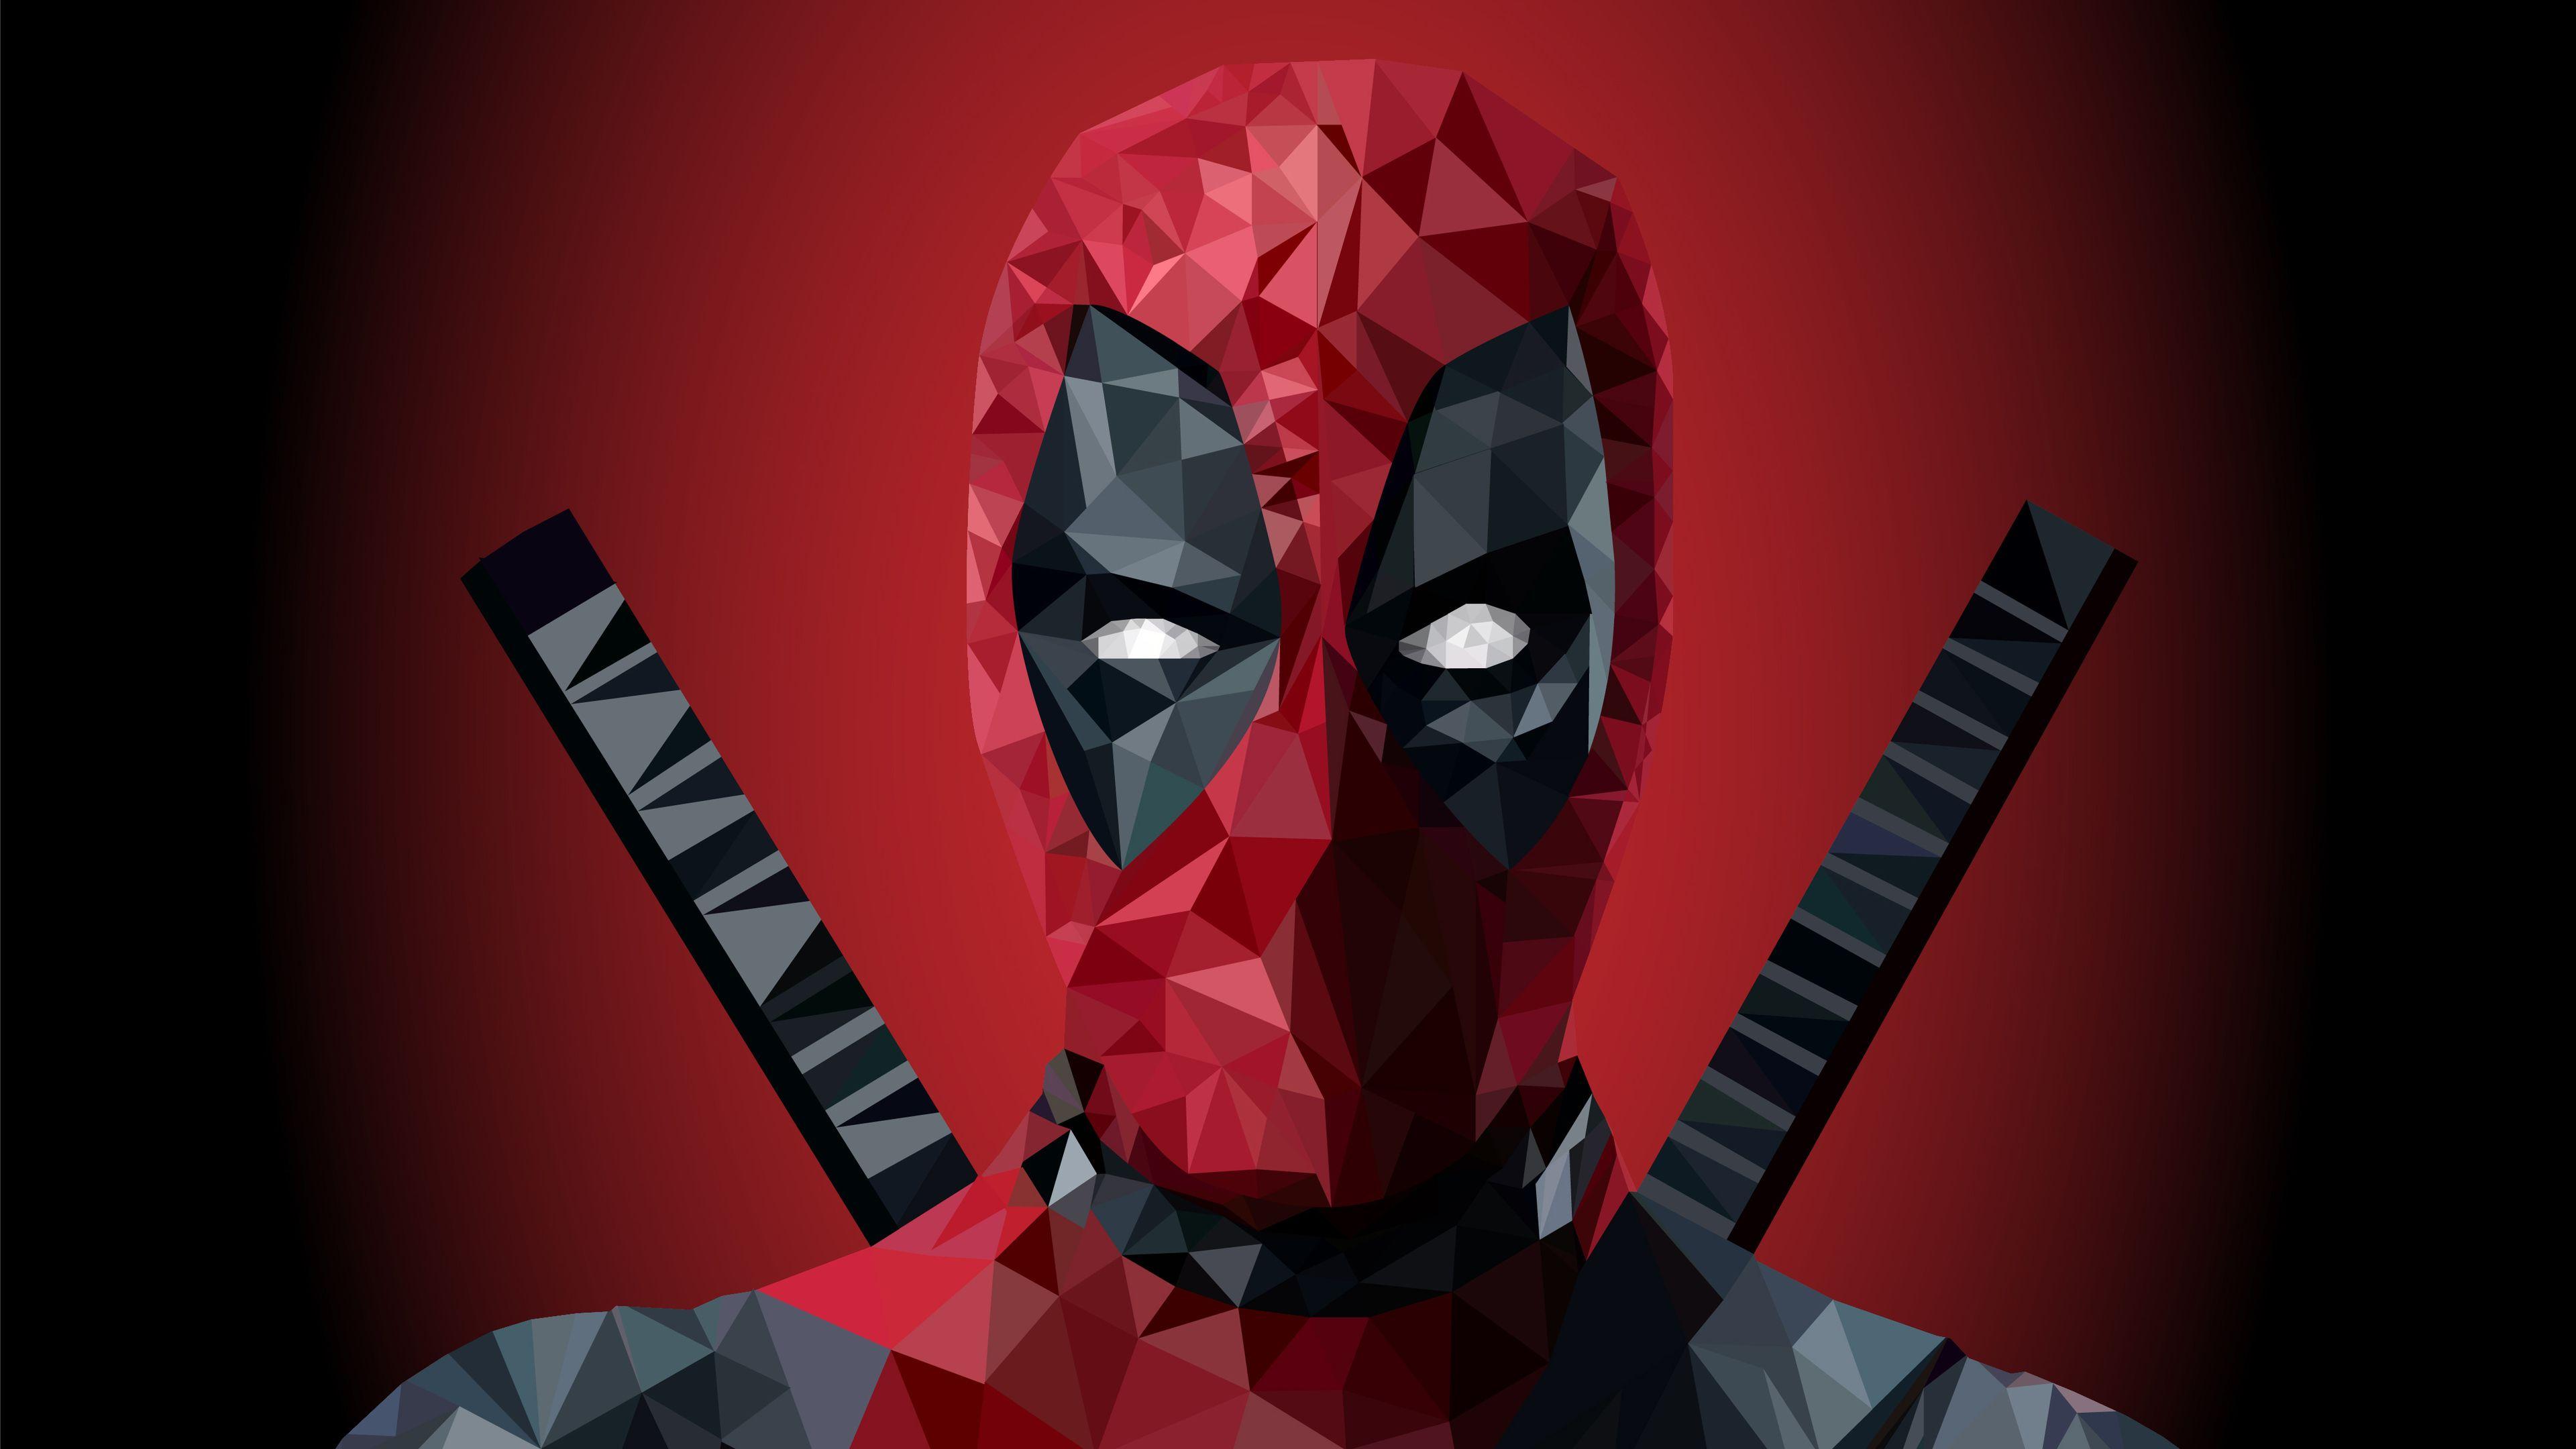 Wallpaper 4k Deadpool Low Poly Art 4k 4kwallpapers